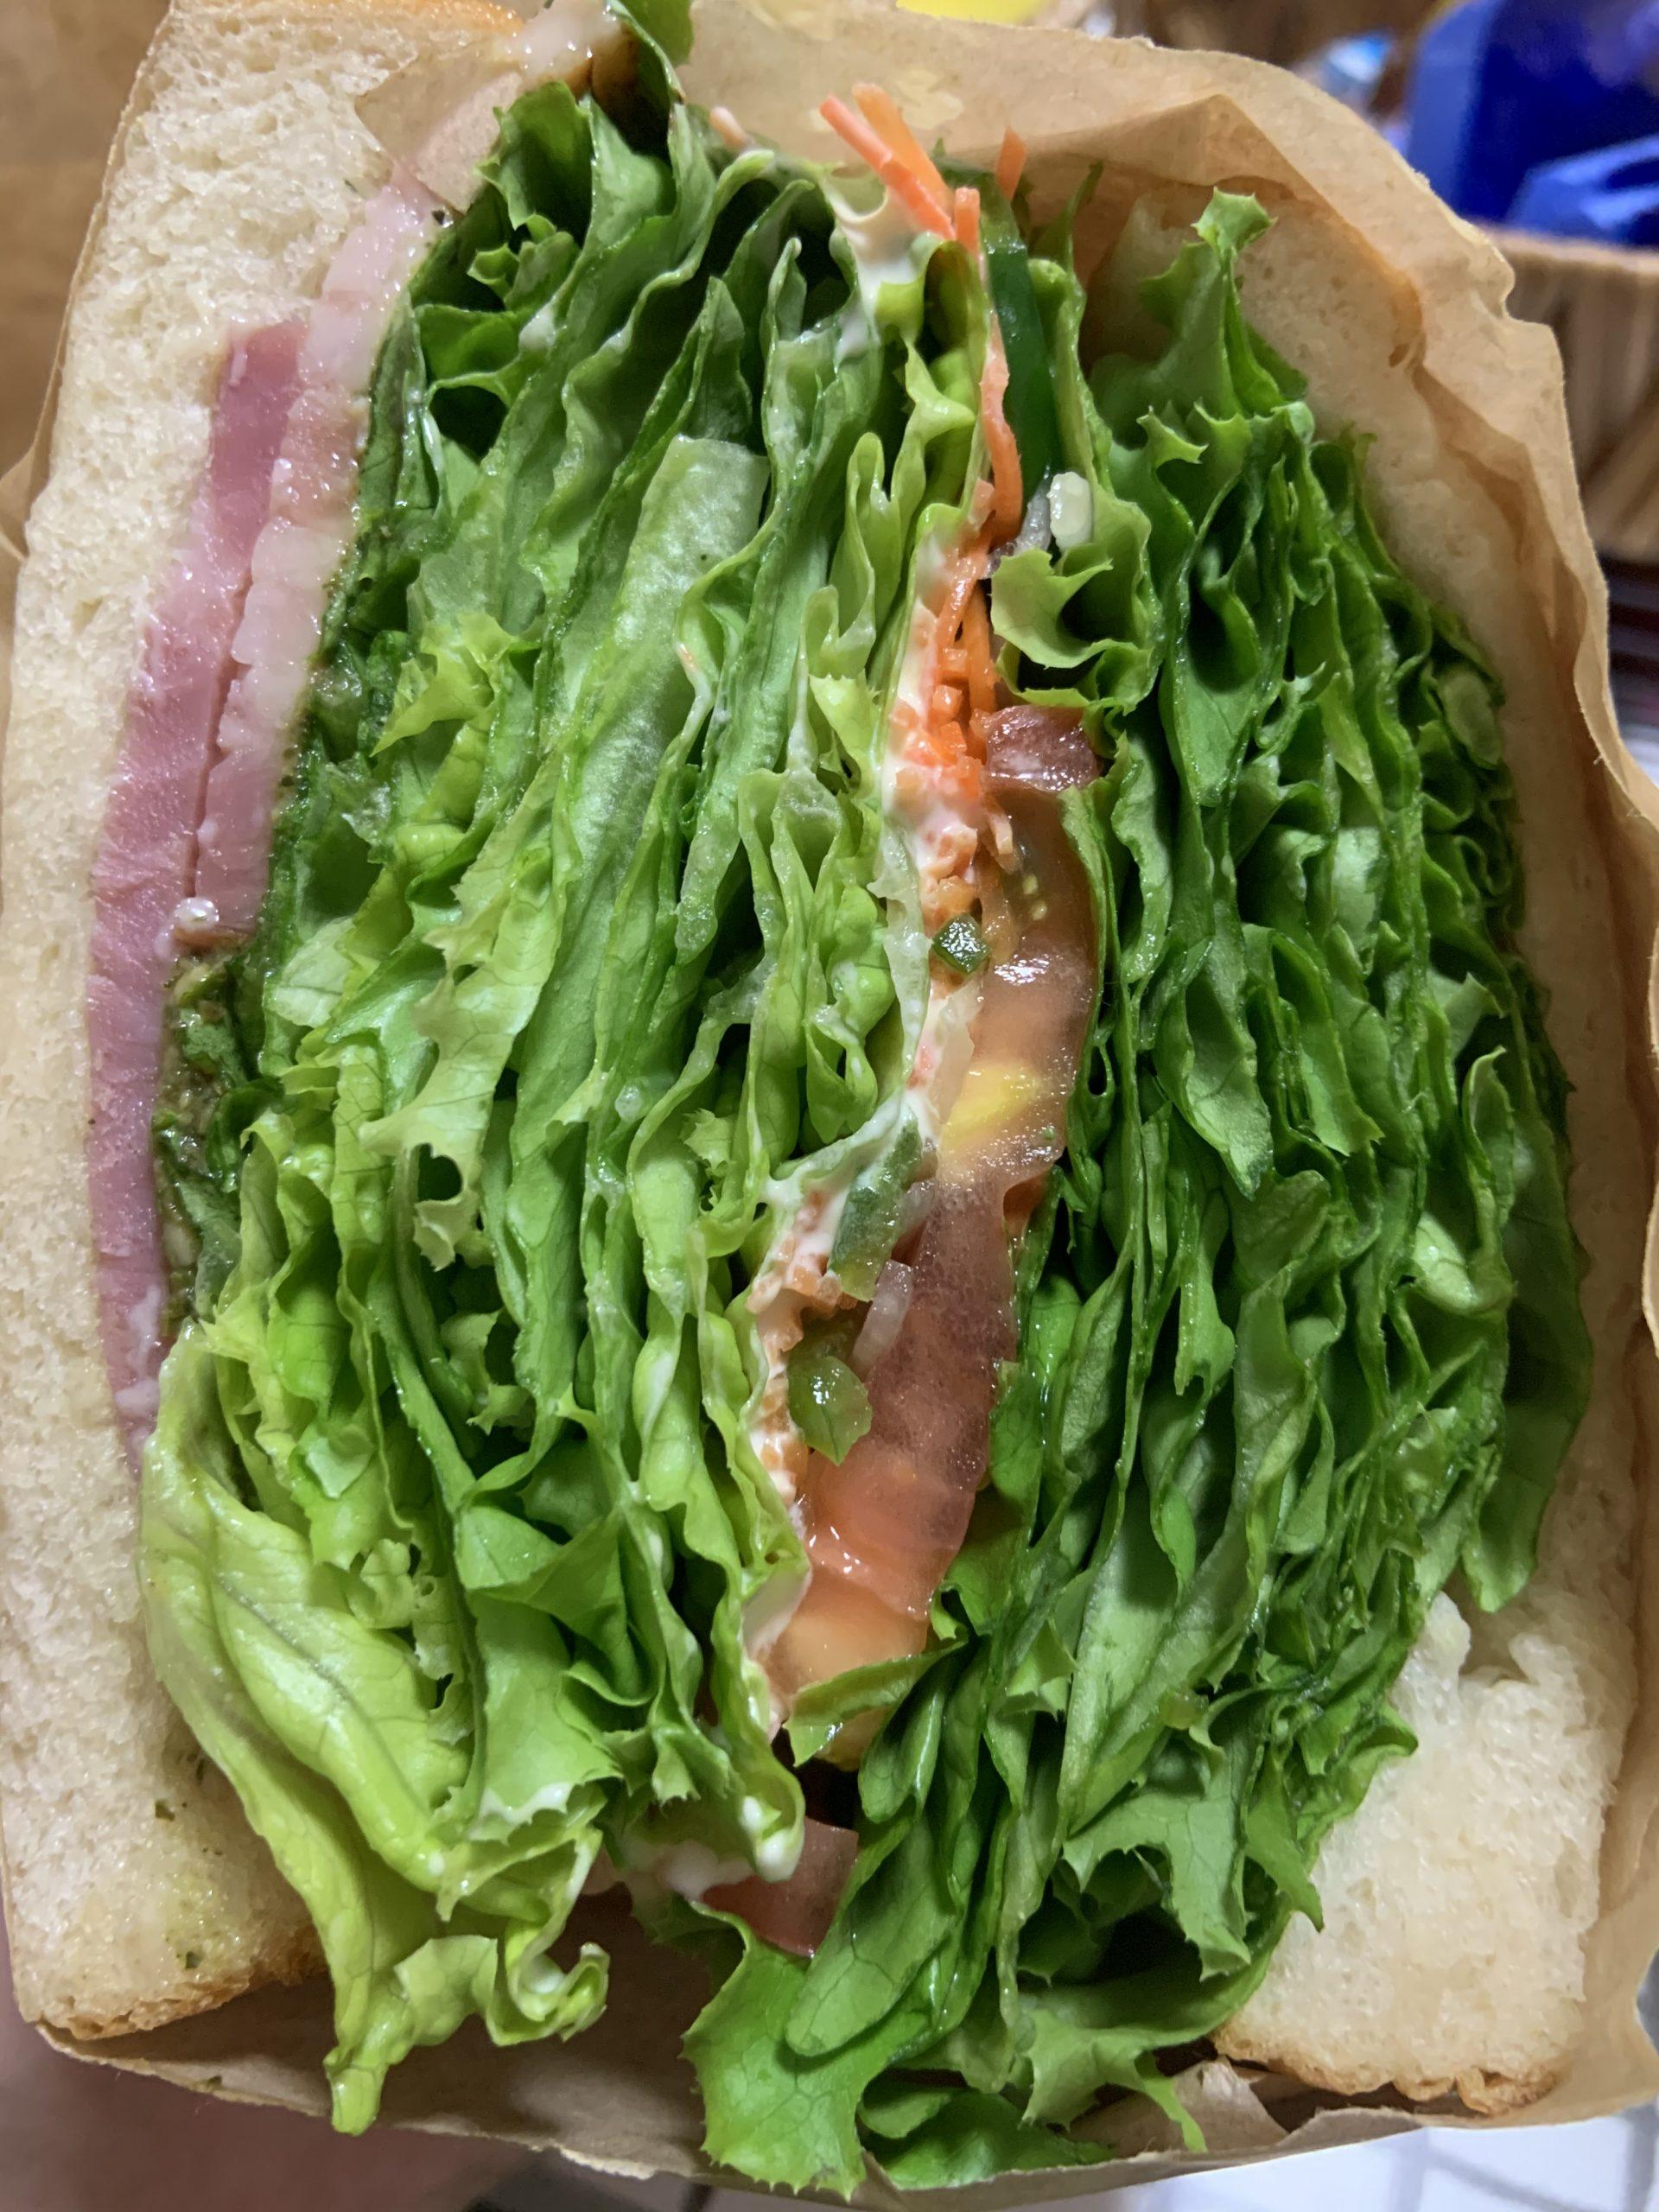 大分市牧にあるサンドイッチファクトリー チャクミーさんのレタスぎっしりで分厚いサンドイッチ